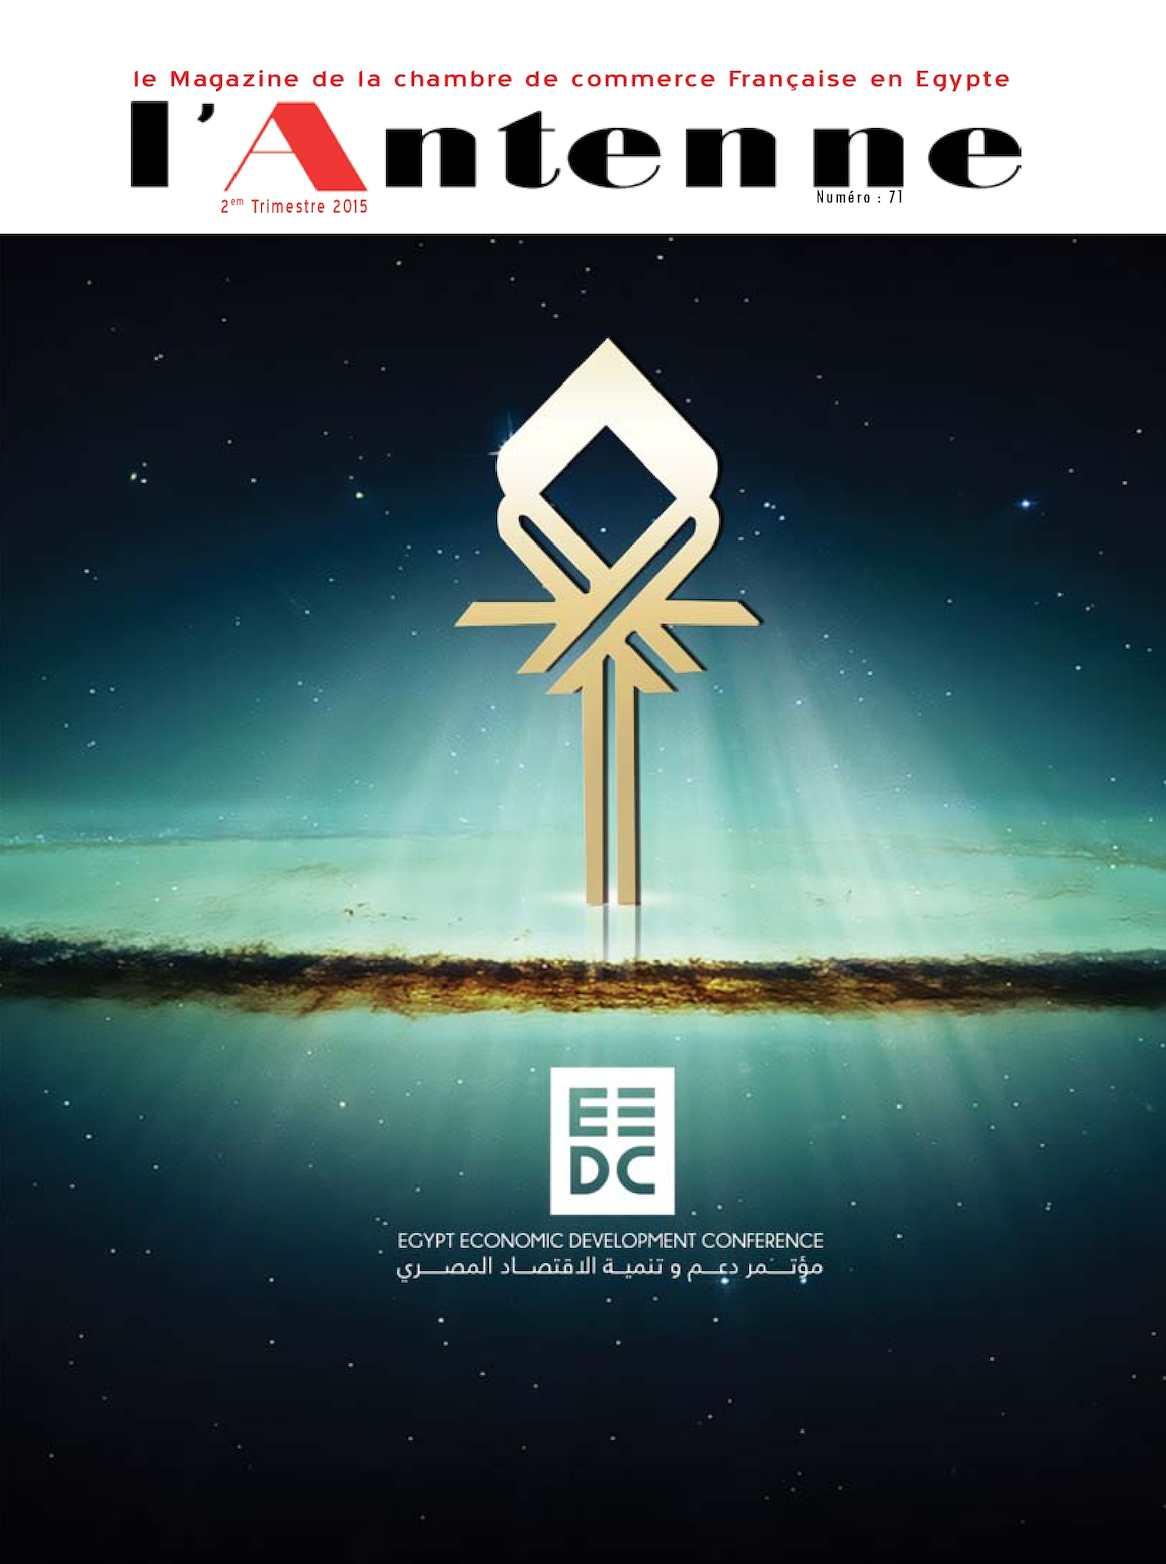 81d3b3a91af69 Calaméo - CCIF Egypte - Magazine L Antenne 71